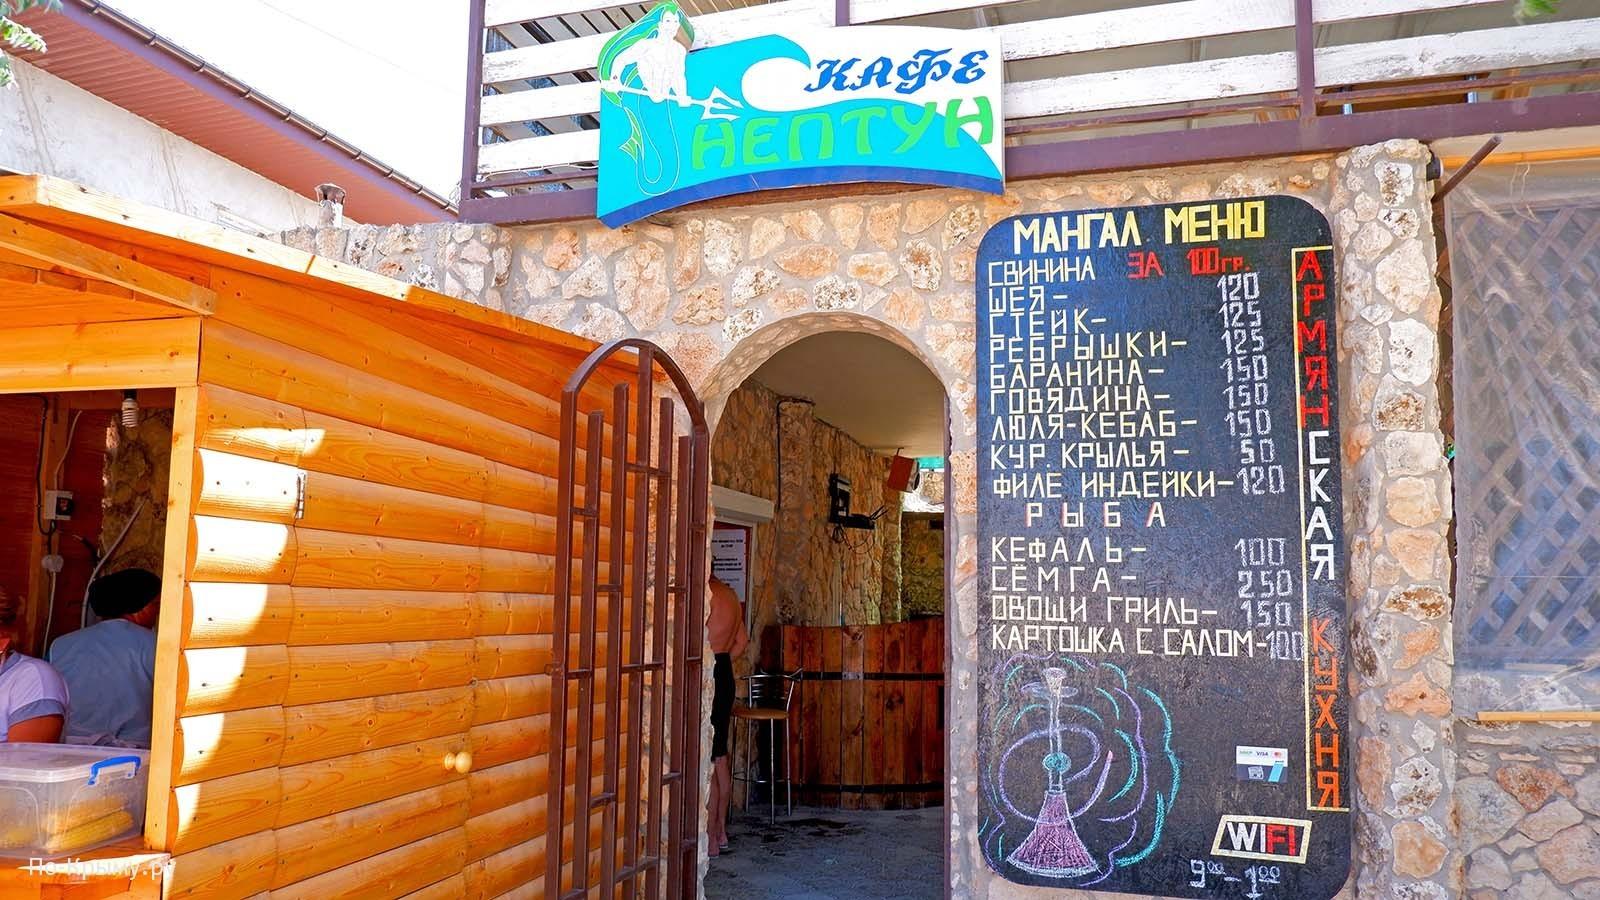 Цены на пляже, меню в кафе Нептун